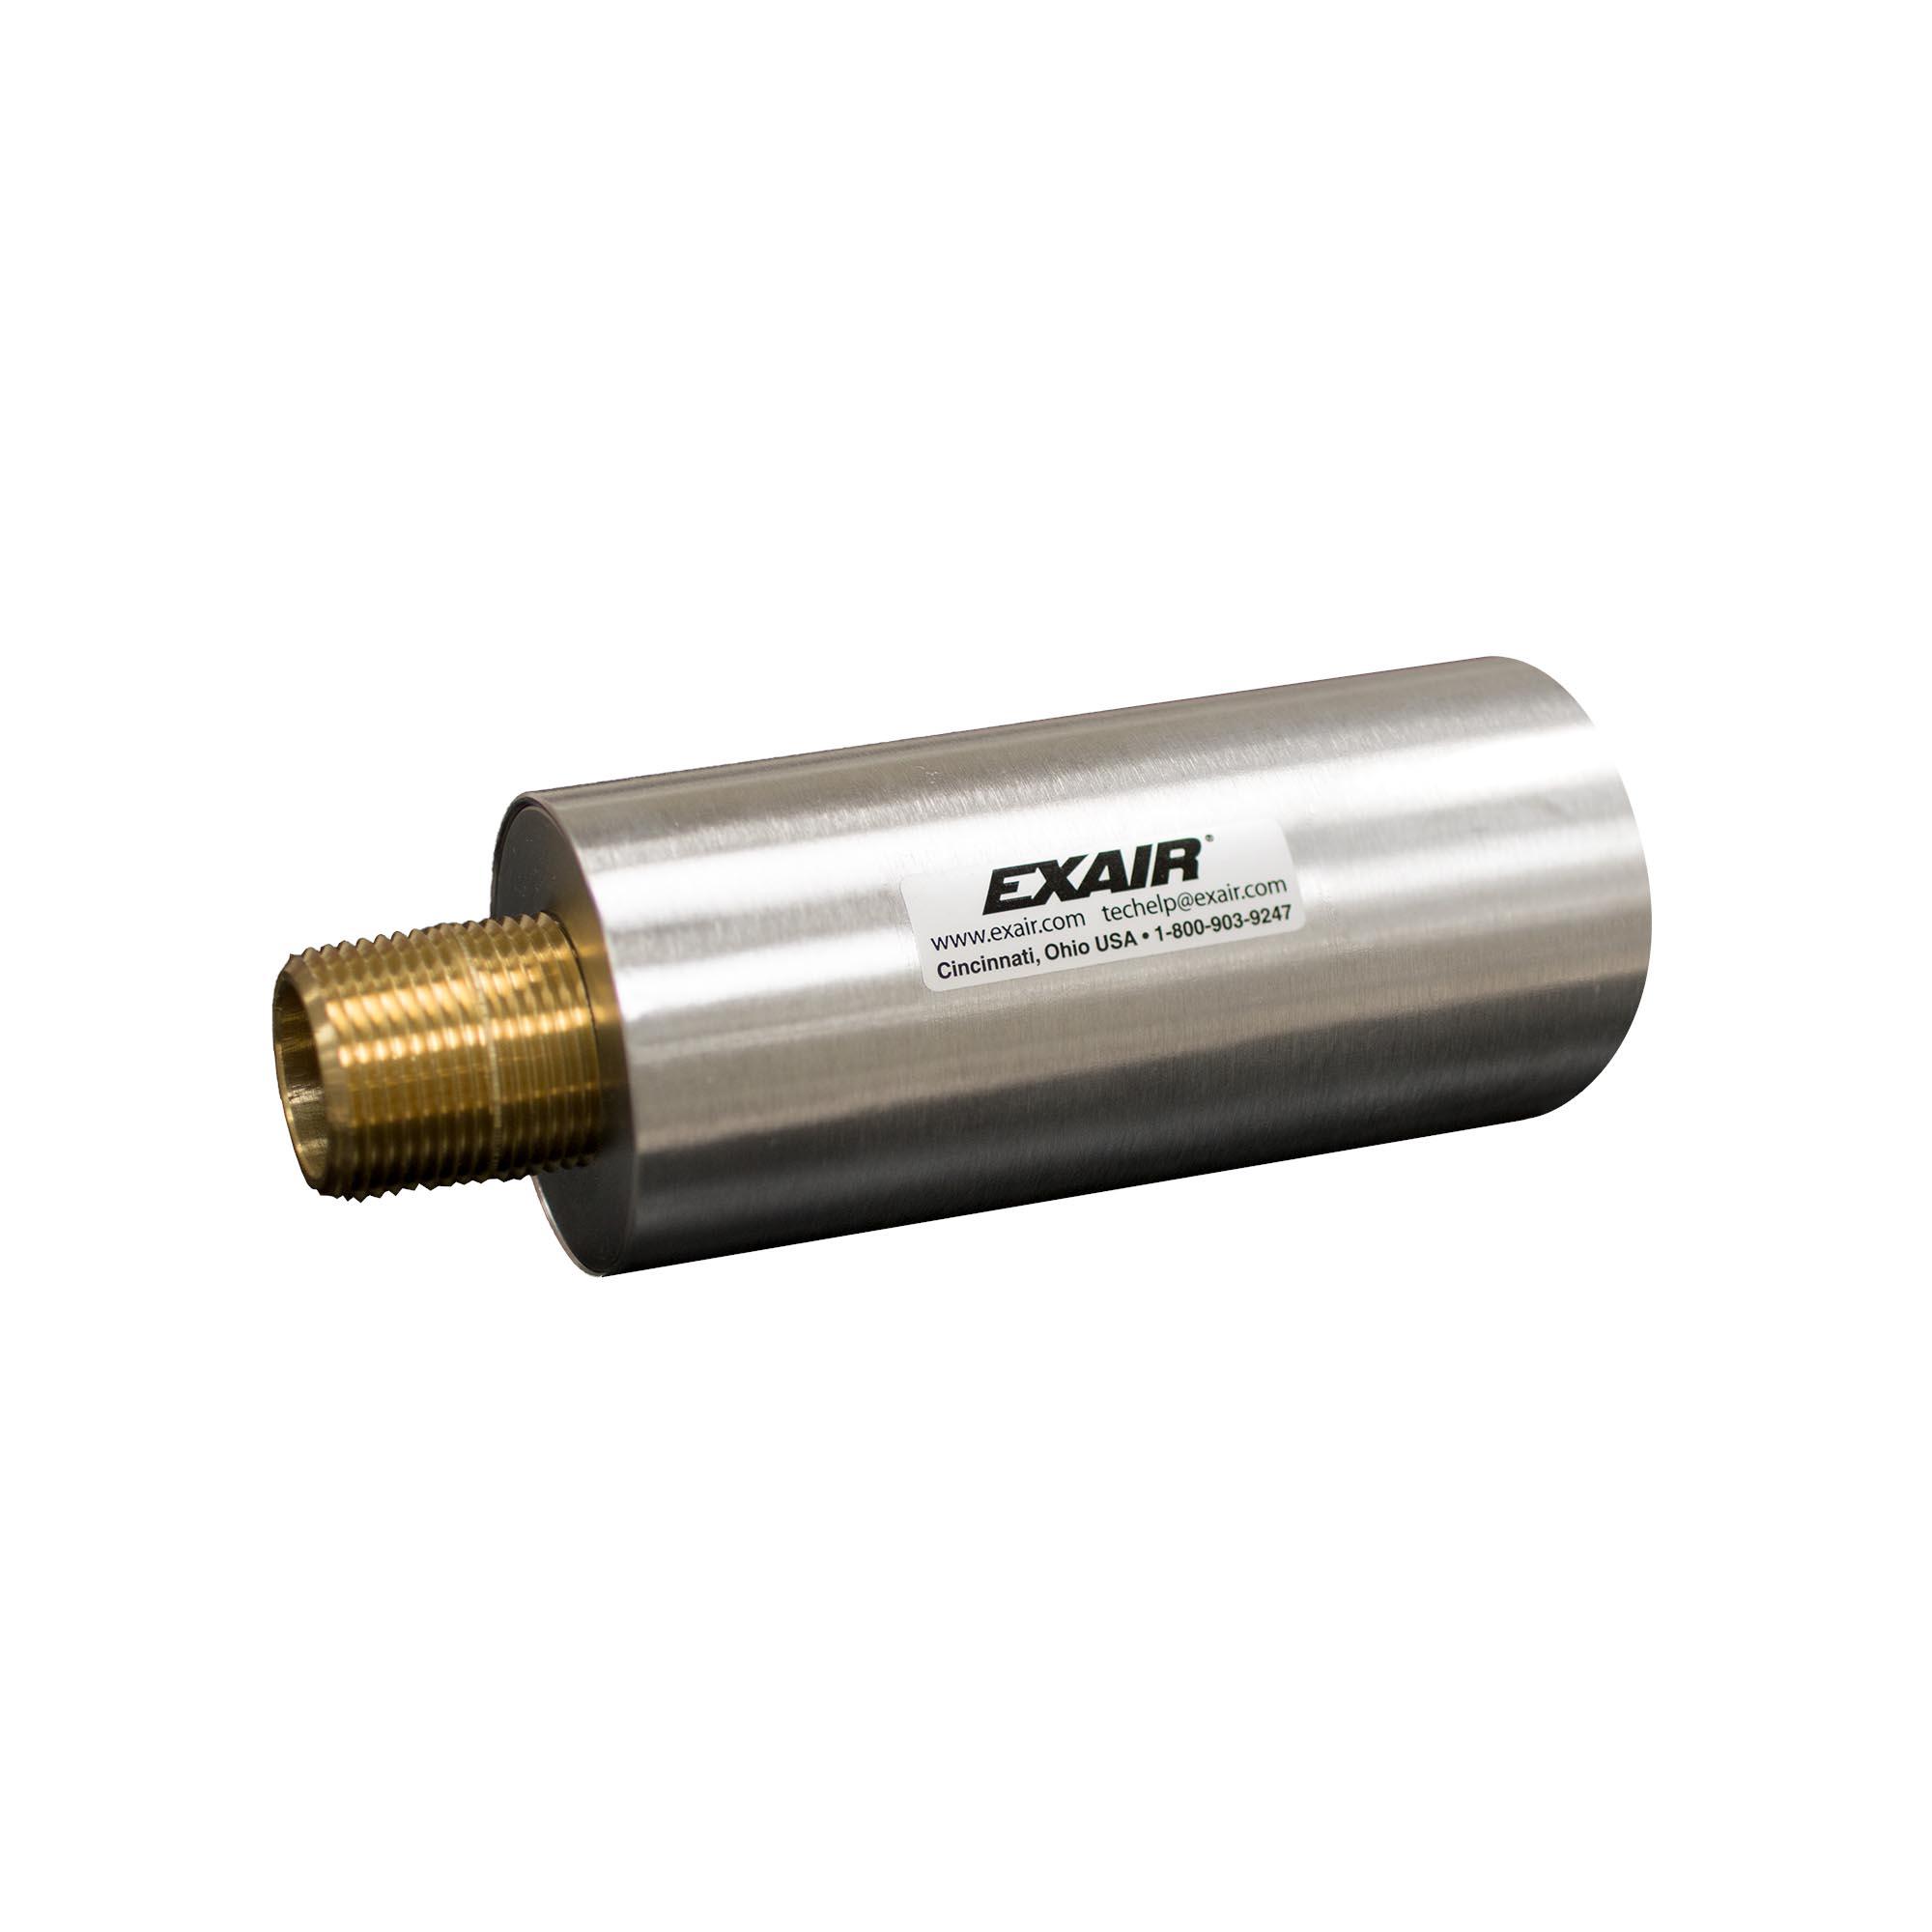 Model 3905 Cold Muffler 2-8 SCFM